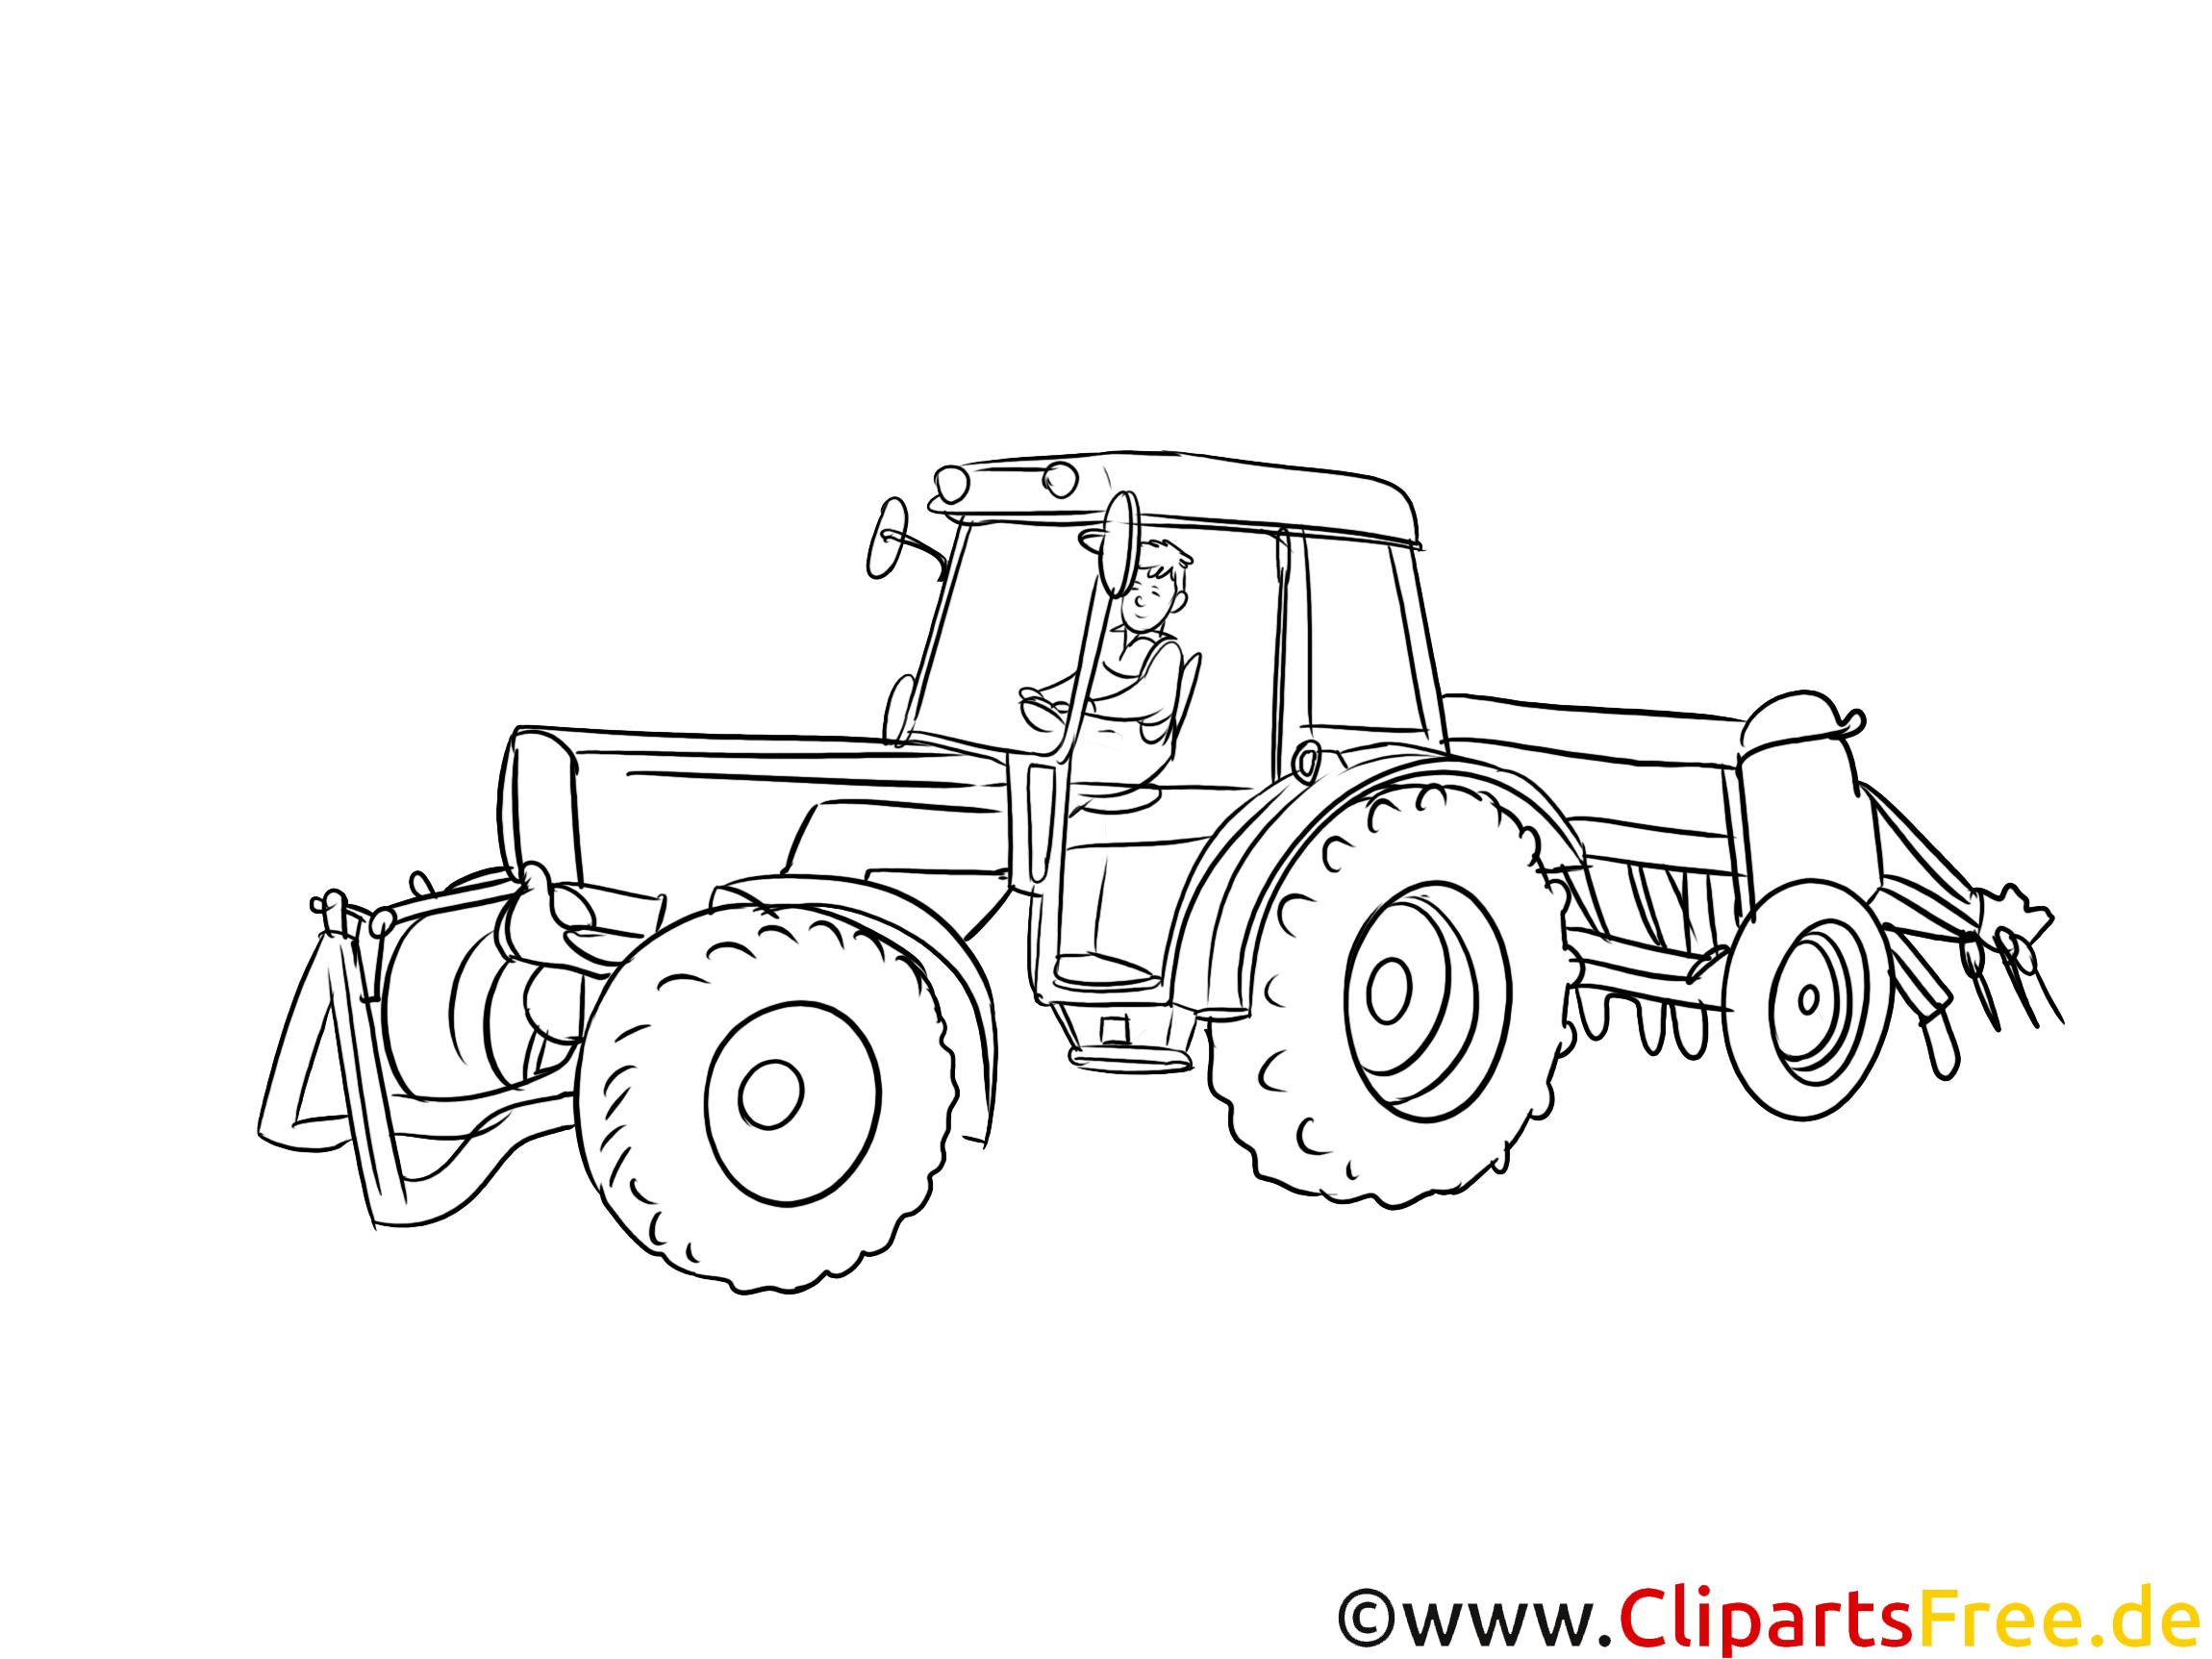 Traktorfahrer, Bauer, Landwirt Clipart, Grafik, Bild schwarz-weiß